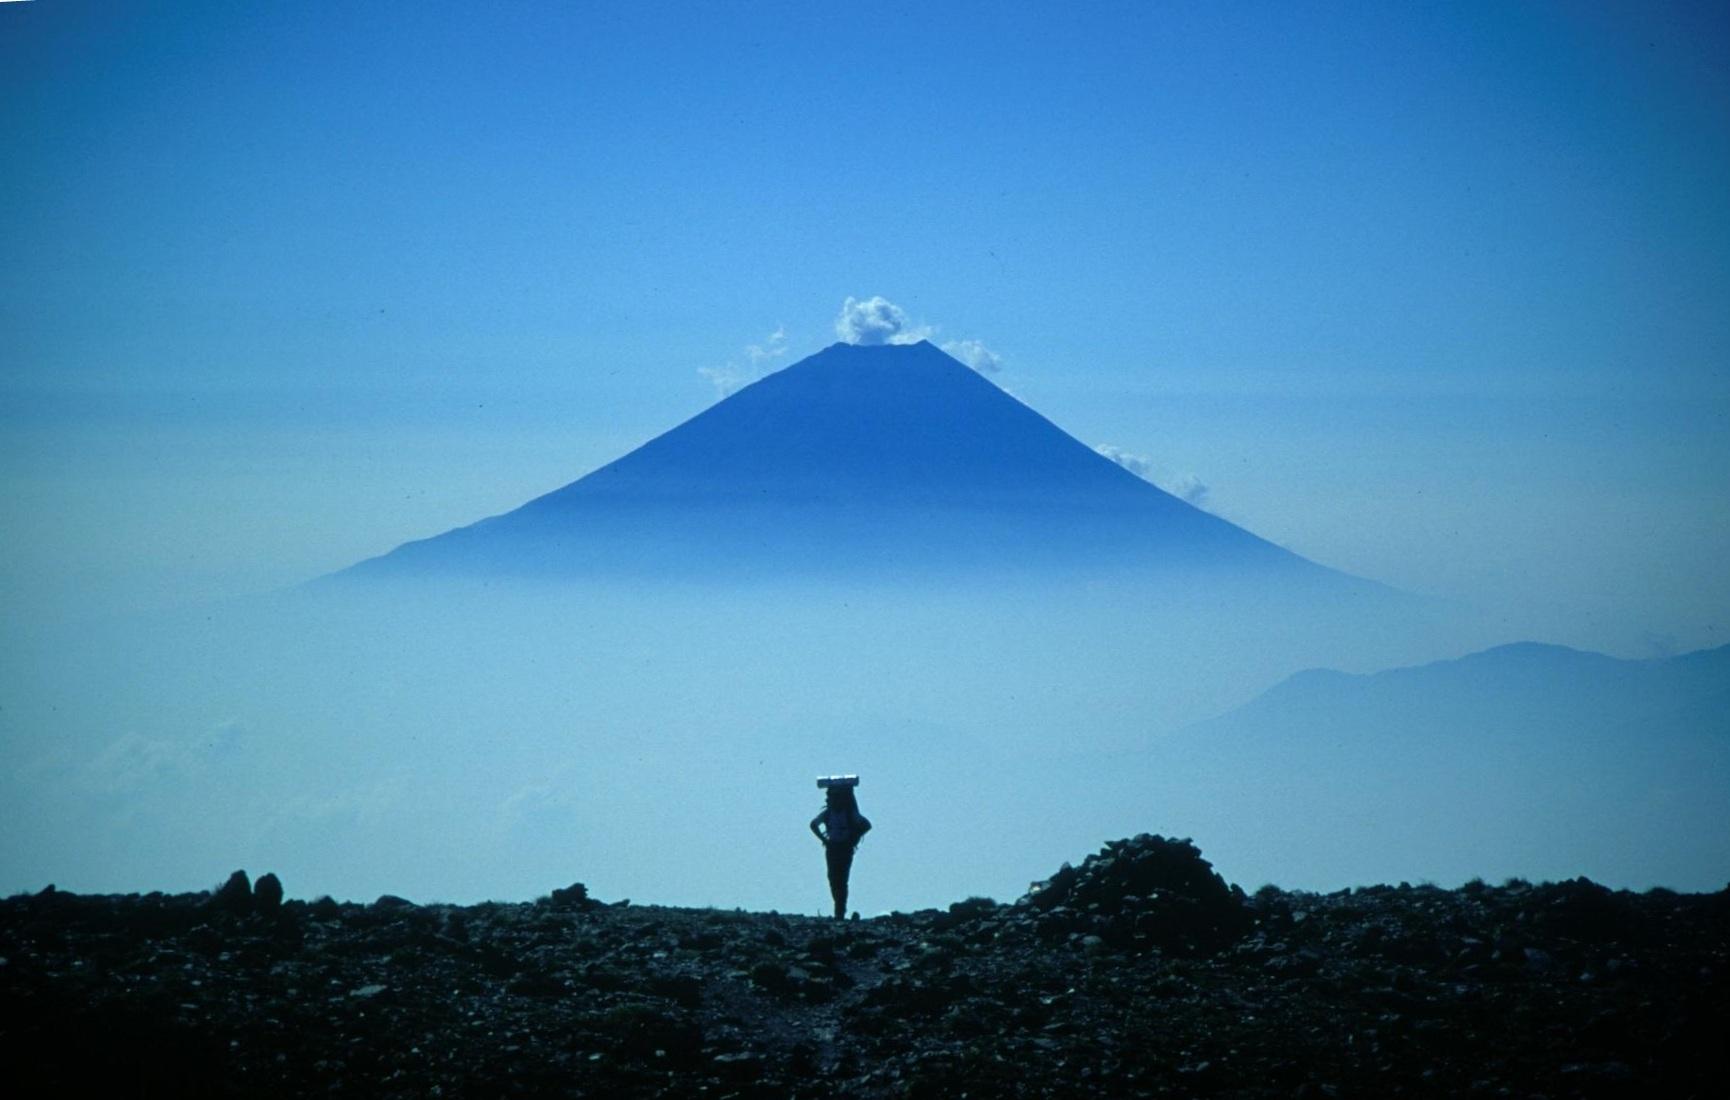 山ガールおすすめ!登山を楽しむためのズボンと選び方を紹介!のサムネイル画像